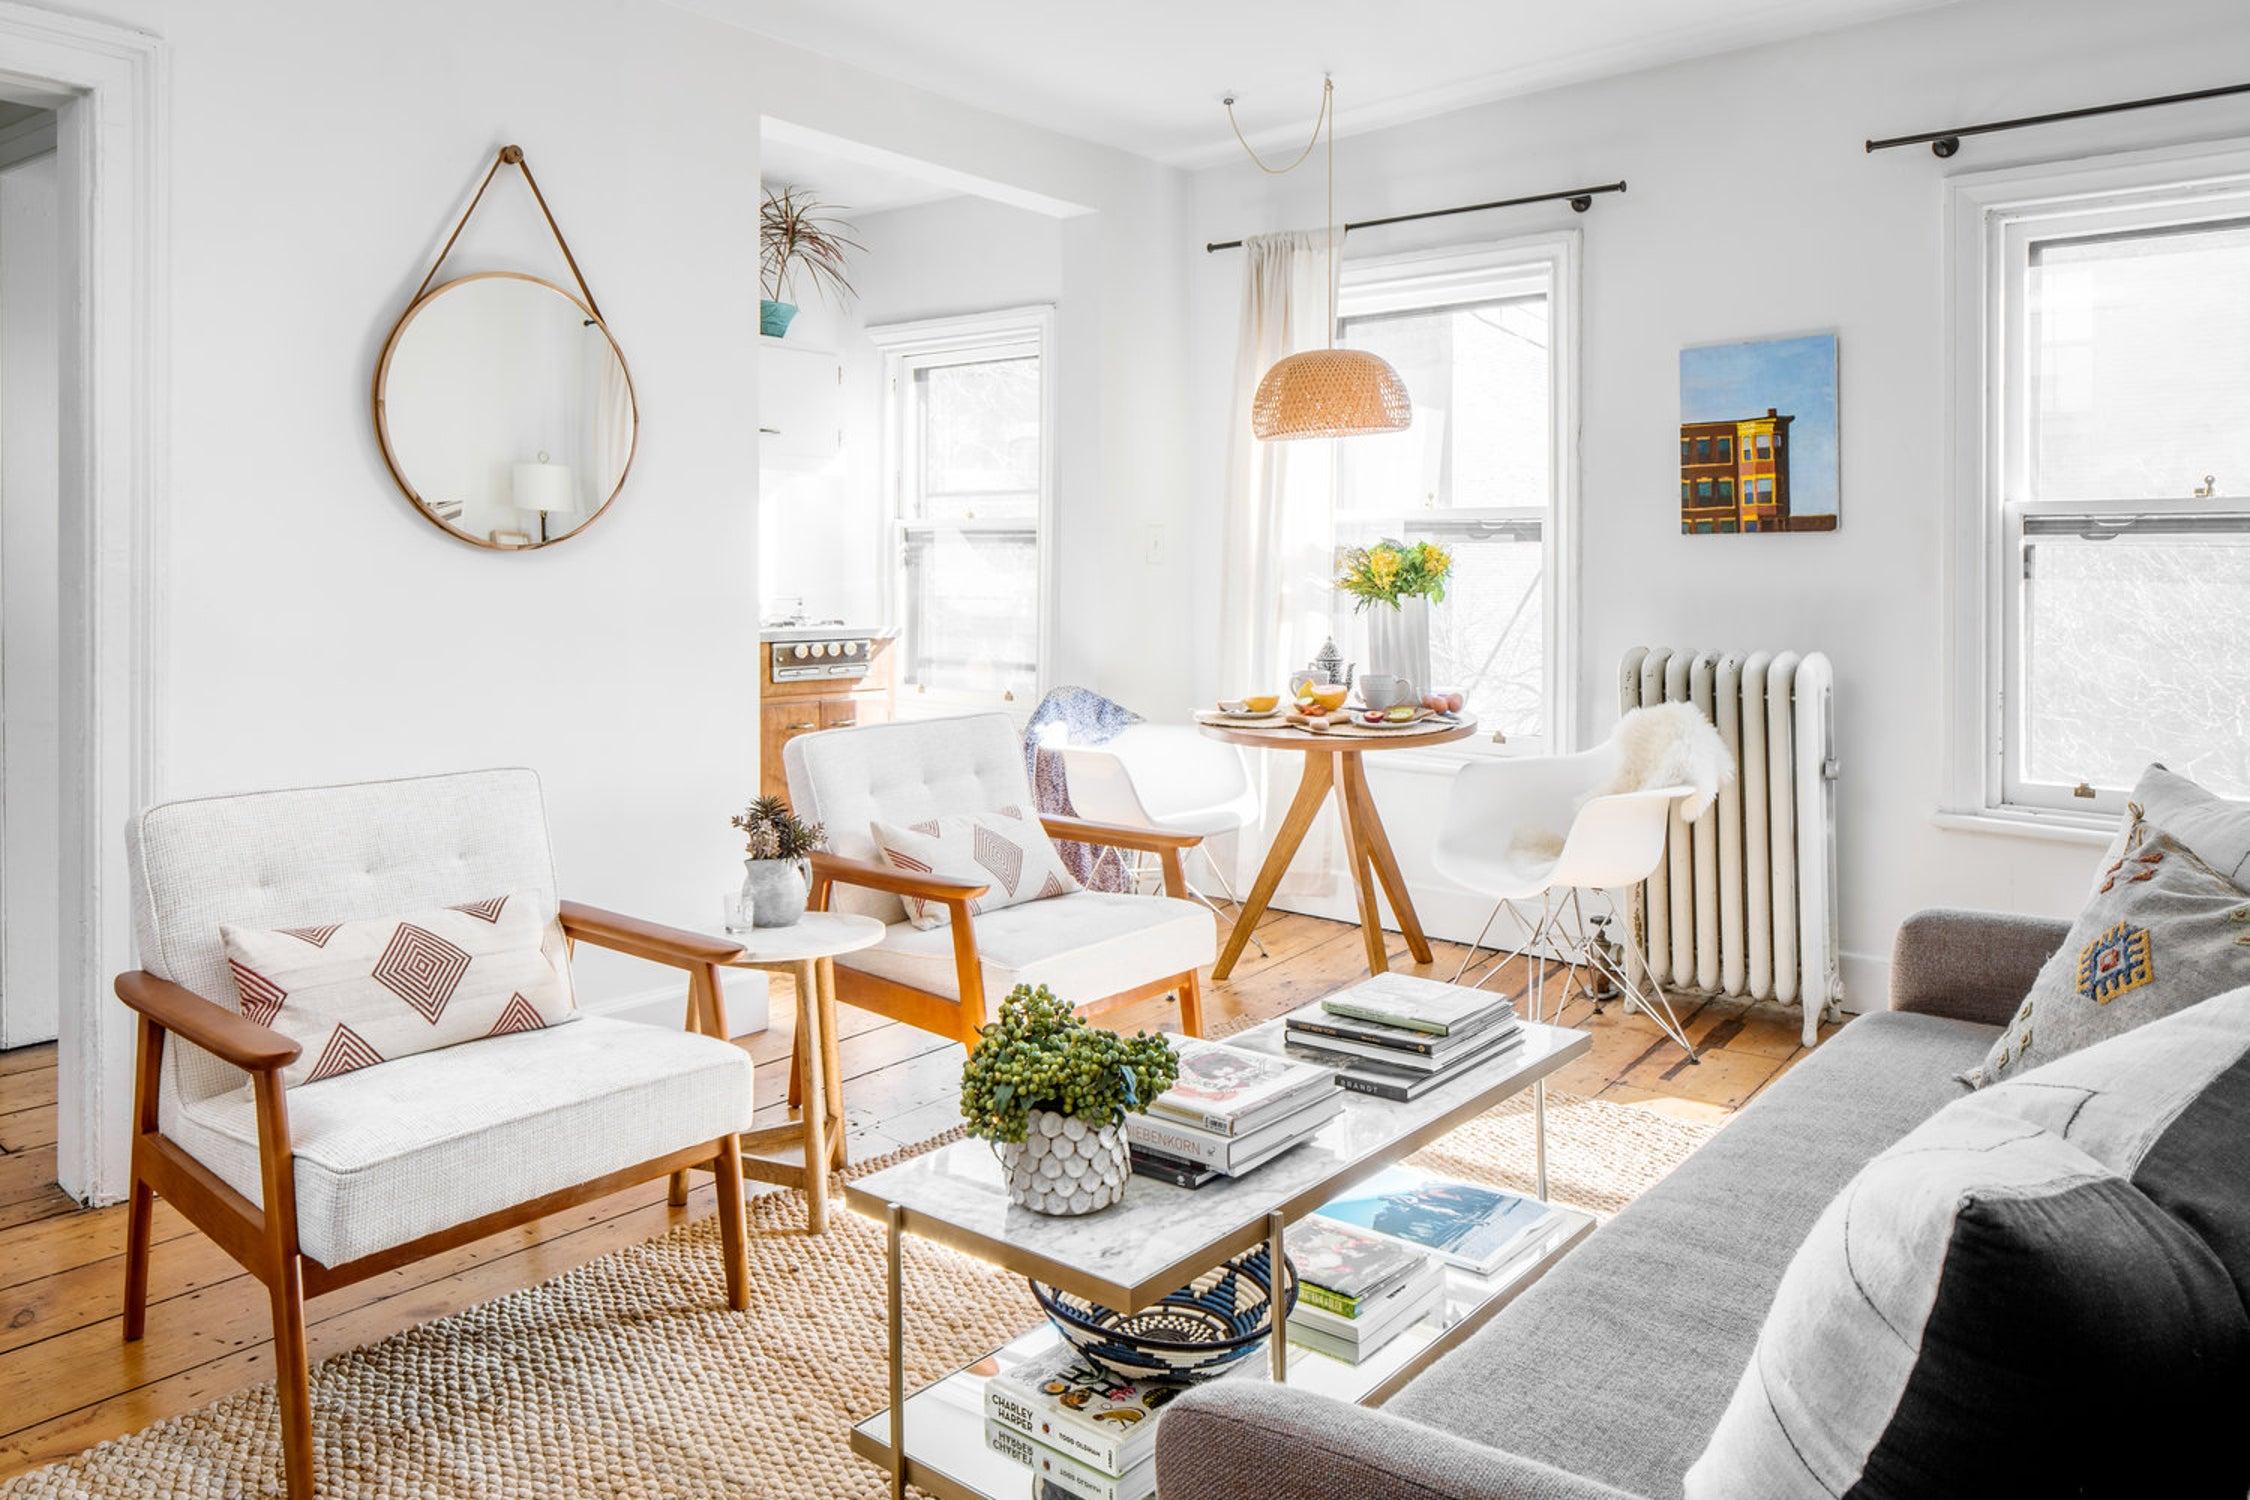 услуги дизайнера интерьера стоимость дизайн интерьера квартиры заказать дизайн